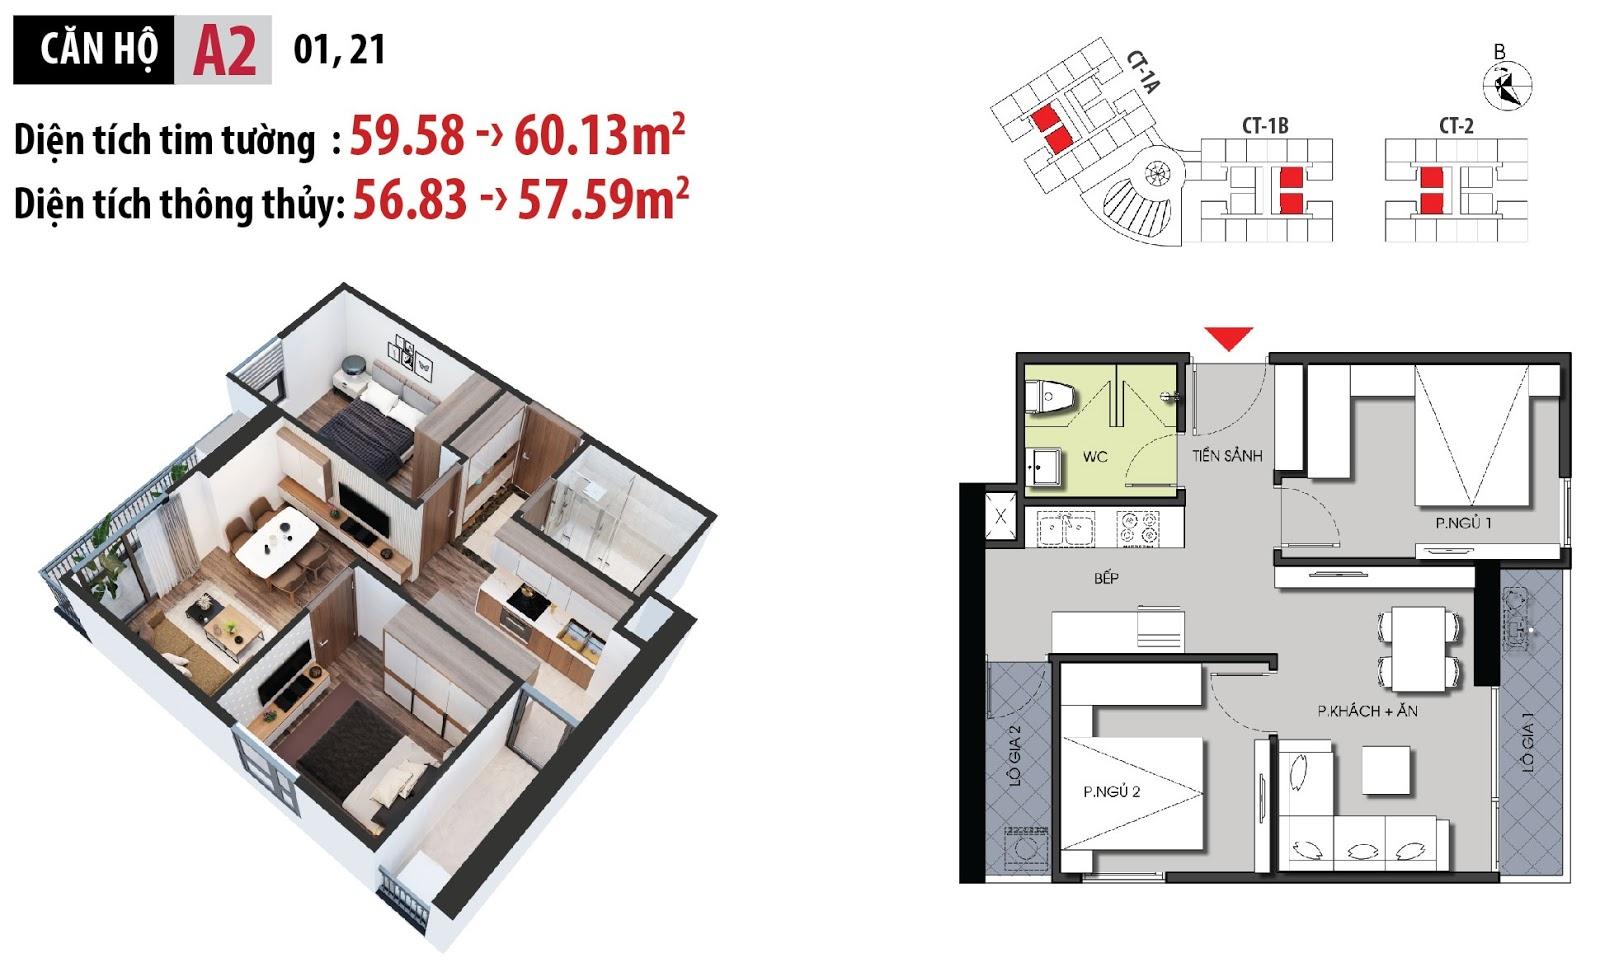 Mặt bằng chi tiết căn hộ 01 - 21 dự án chung cư Hateco Apollo Xuân Phương